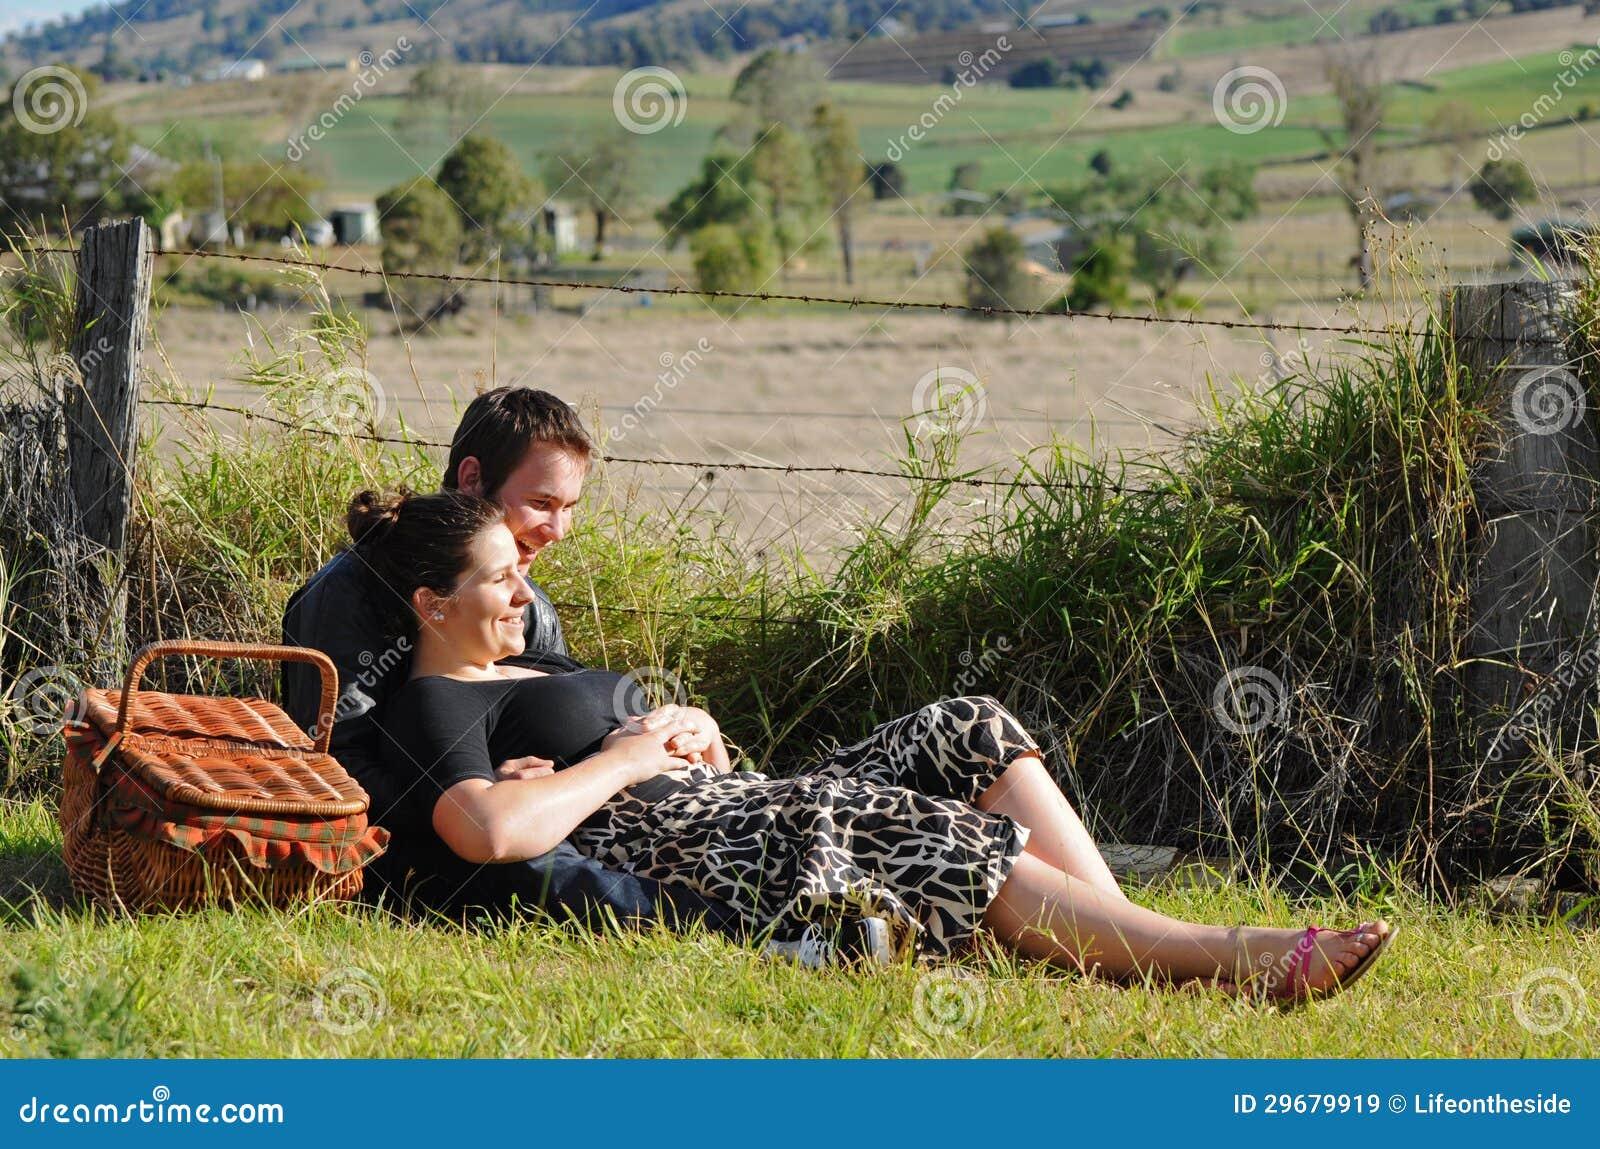 Szczęśliwi młodzi kochankowie roześmiani & one uśmiechają się outdoors